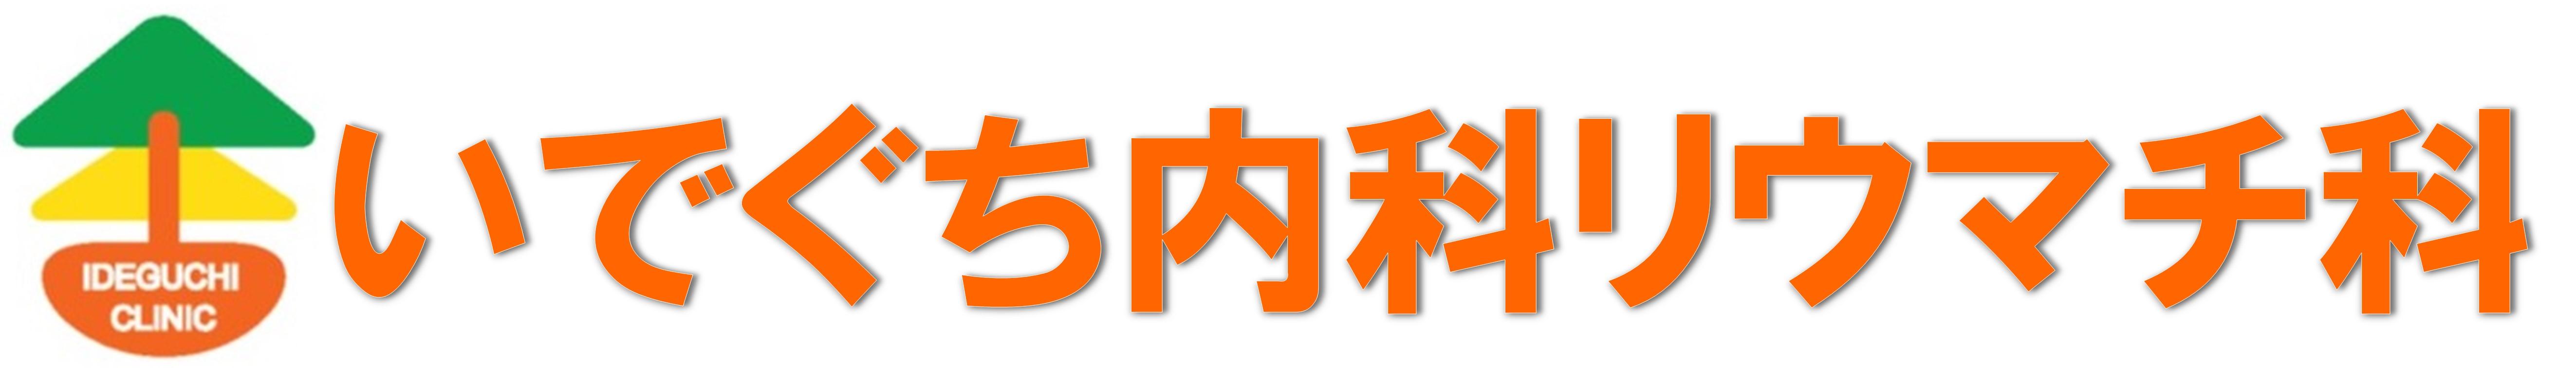 小田急線鶴間駅西口徒歩1分の内科・リウマチのことなら「いでぐち内科リウマチ科」